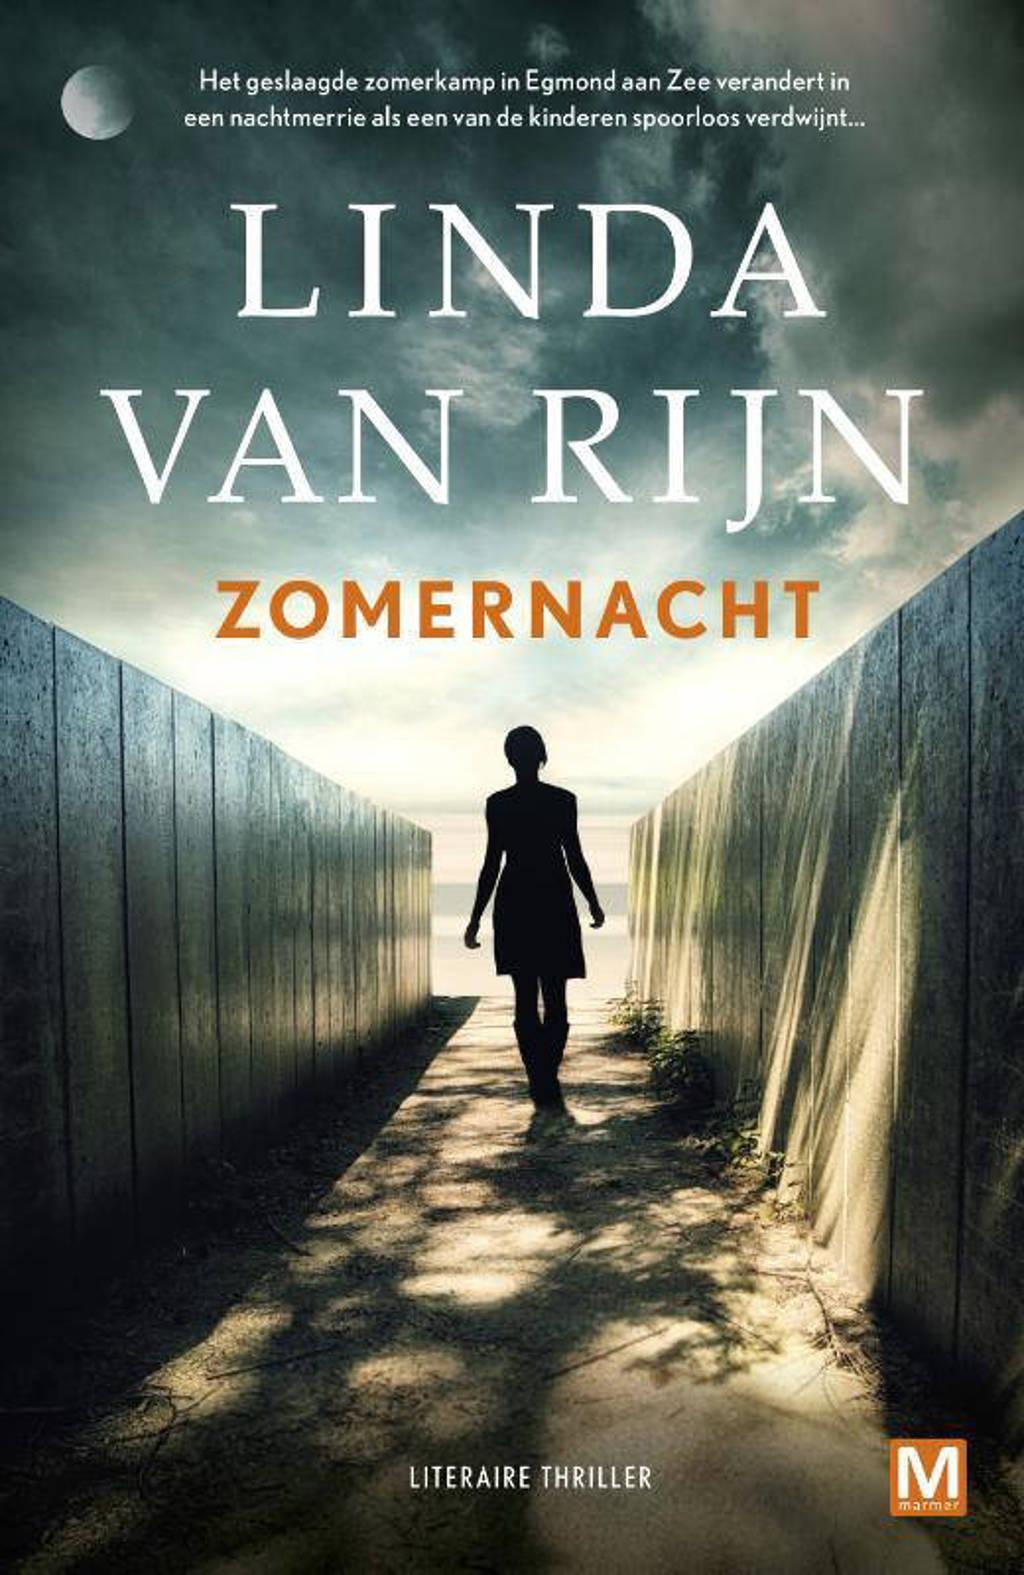 Zomernacht - Linda van Rijn